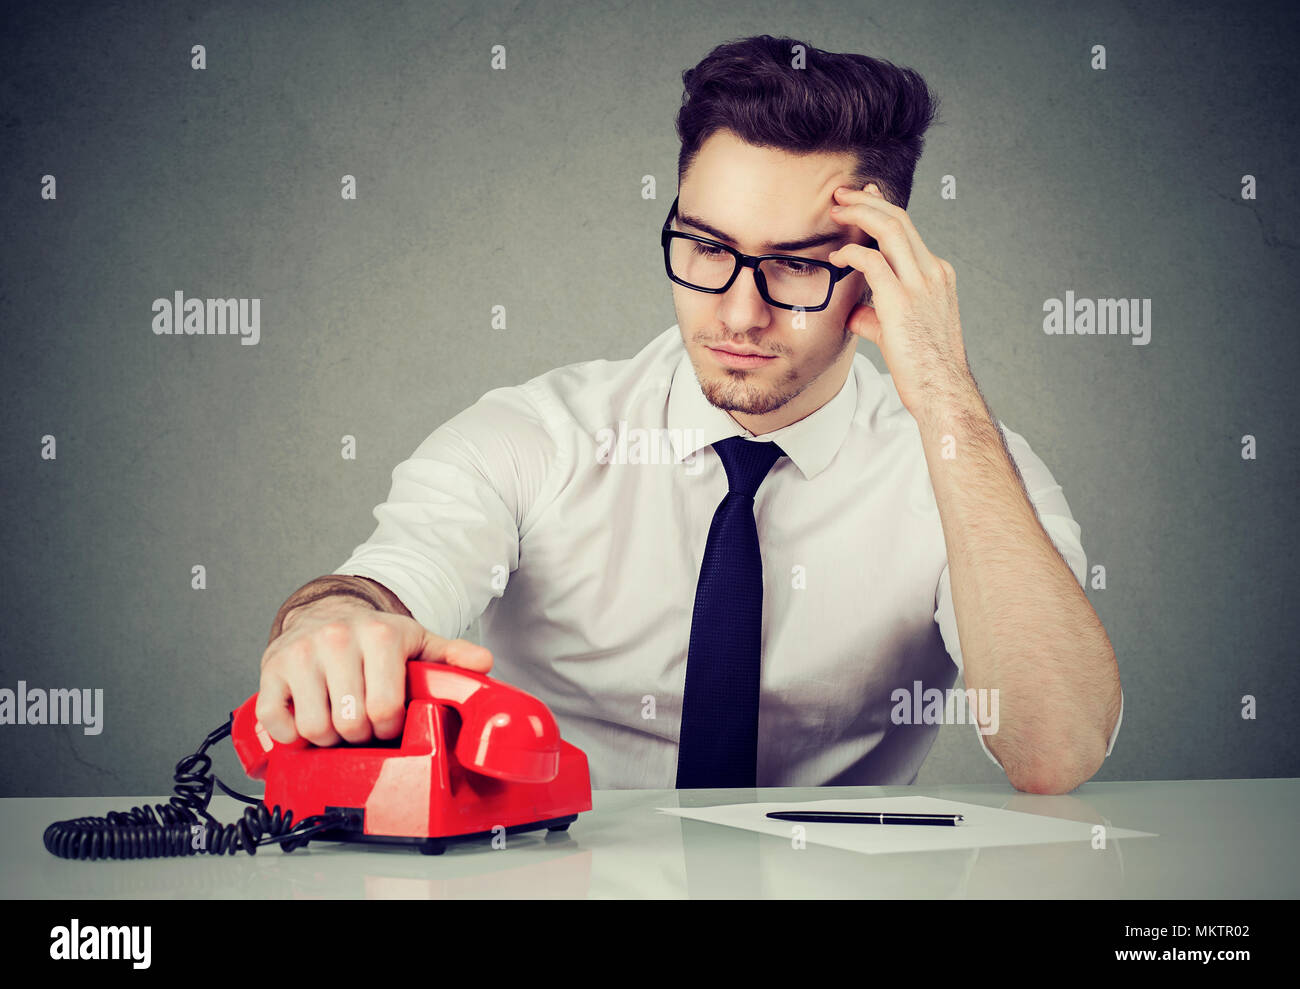 Giovane imprenditore al tavolo di lavoro pensare attentamente ed effettuare una chiamata a risolvere il problema. Immagini Stock